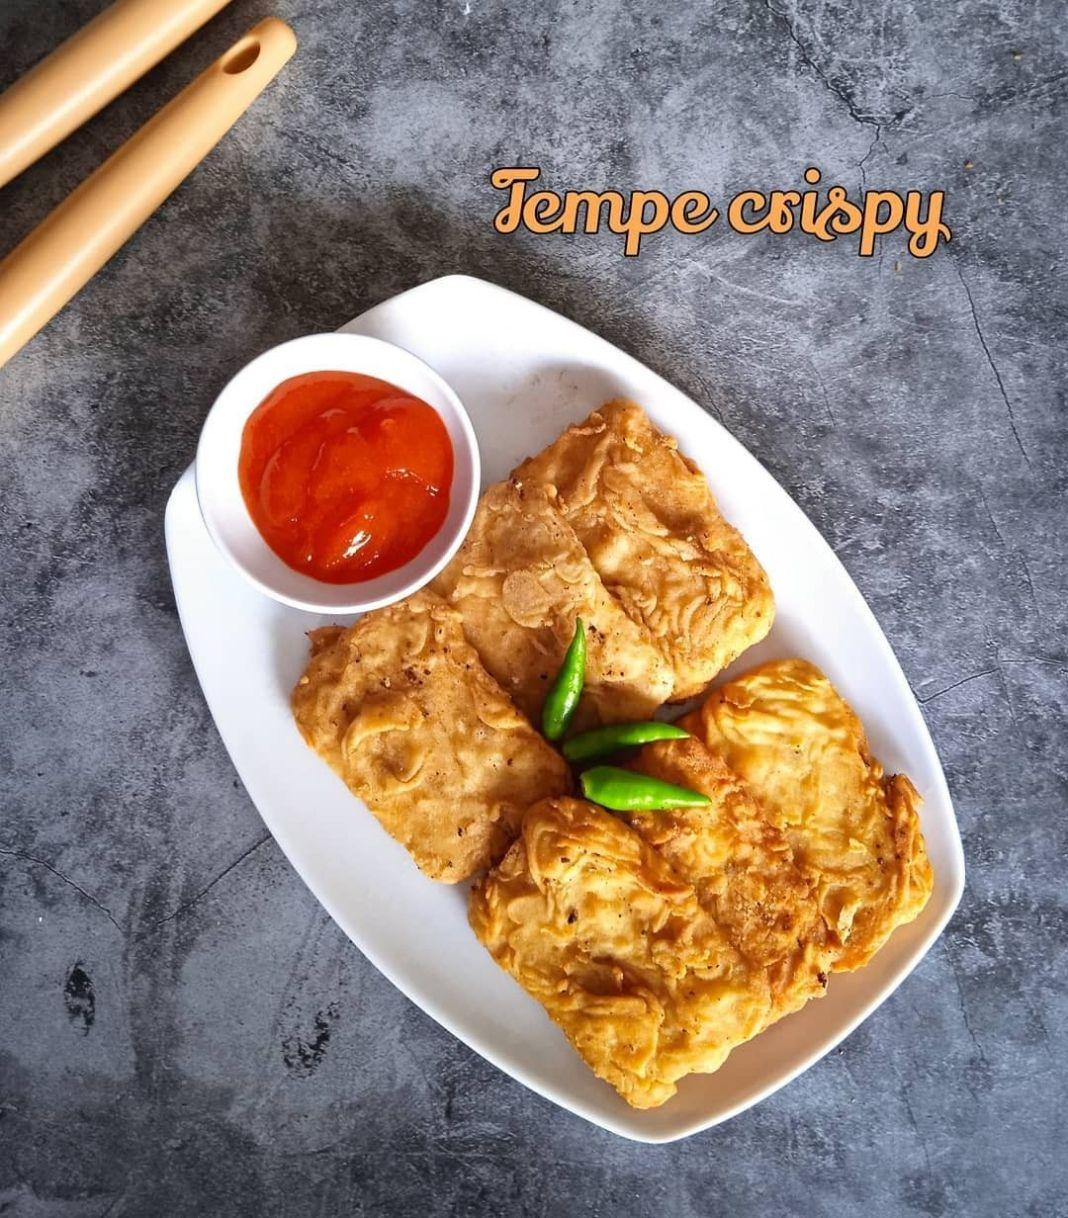 Info kuliner, Tempe Crispy   simpel praktis untuk yg keburu laper hehe  Cara buatnya gampang Potong tempe Mas…